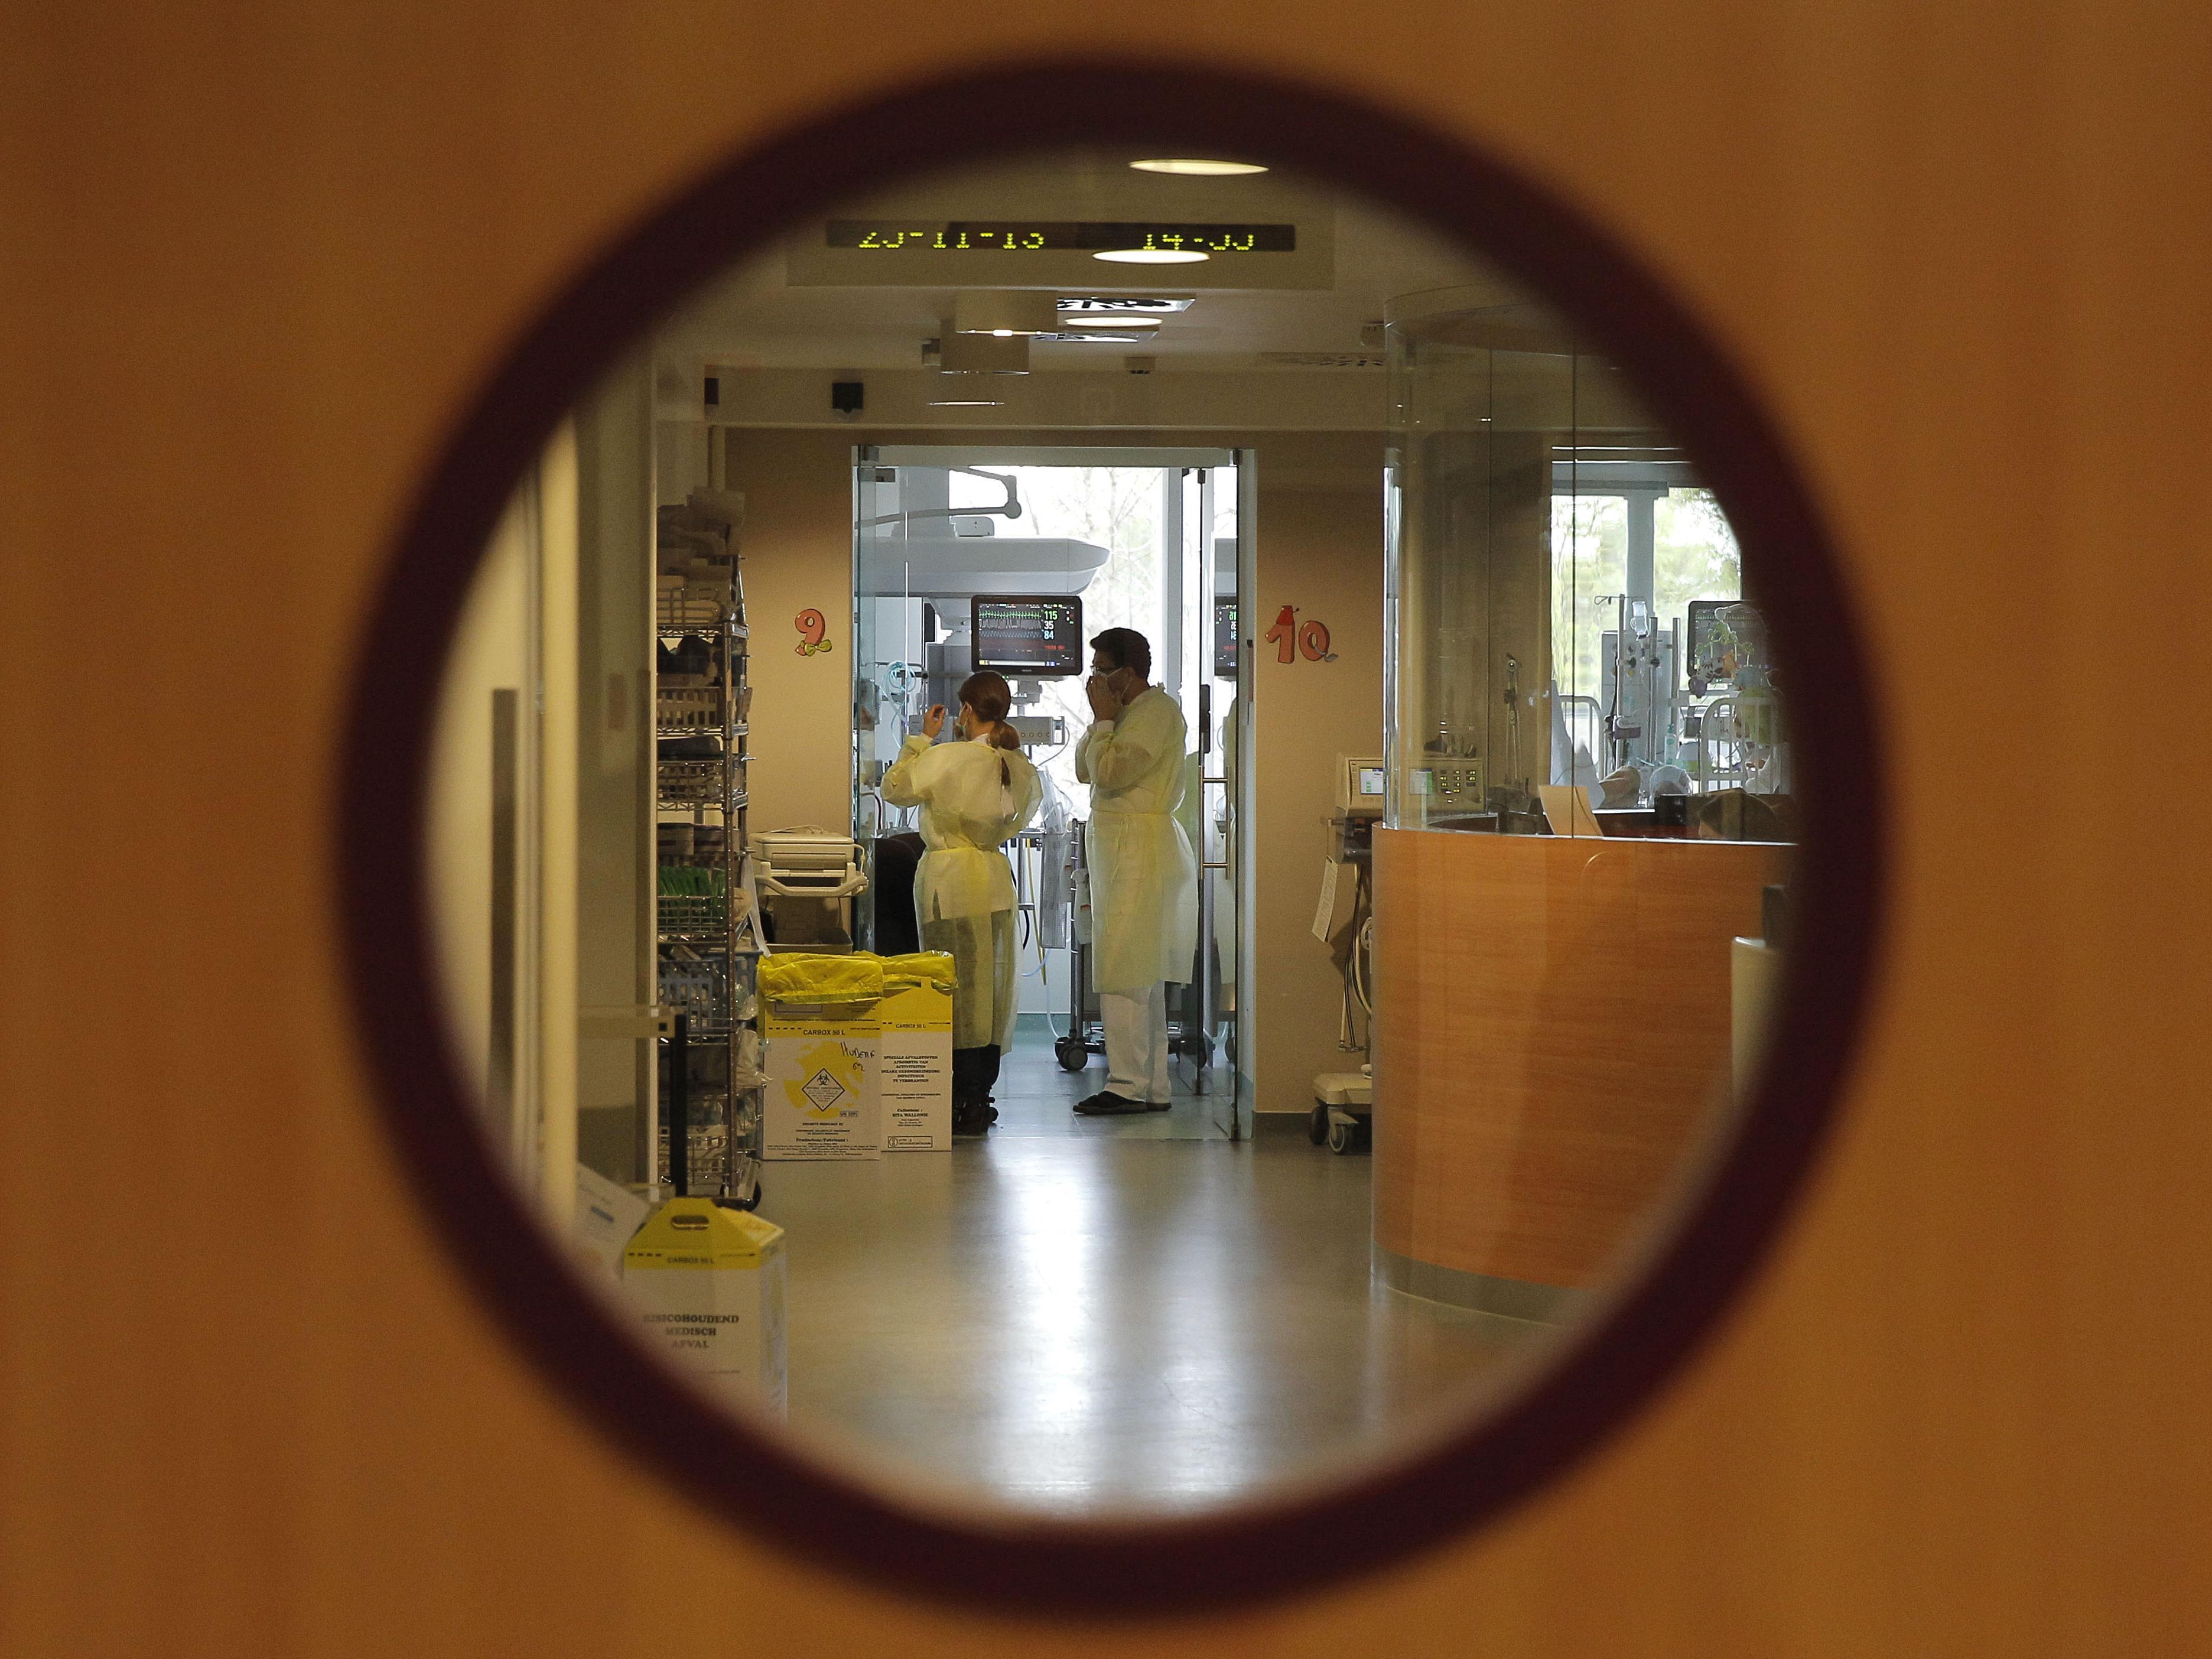 Europäischer Berufsausweis: Nutzung zunächst u.a. für Krankenschwestern angedacht.